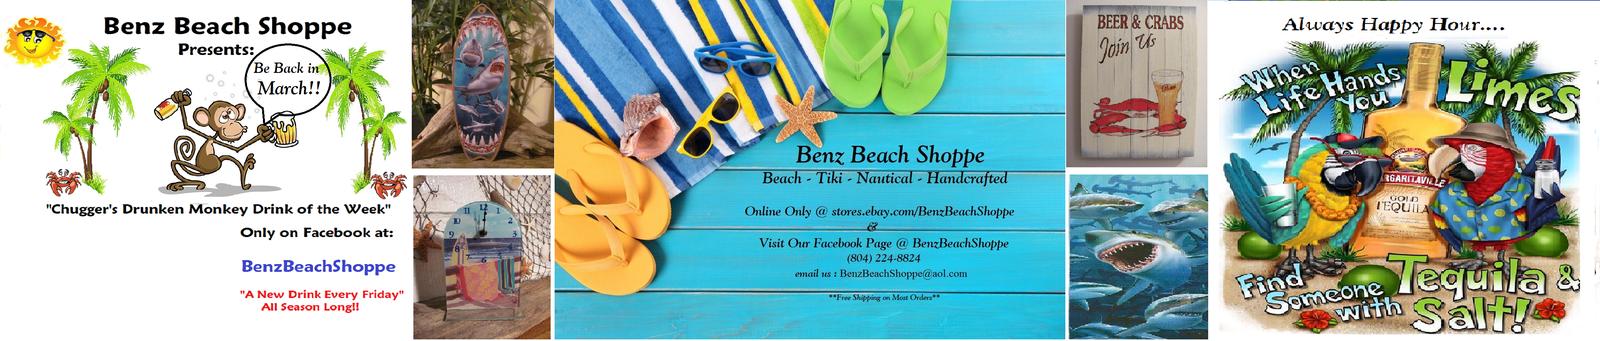 Benz Beach Shoppe